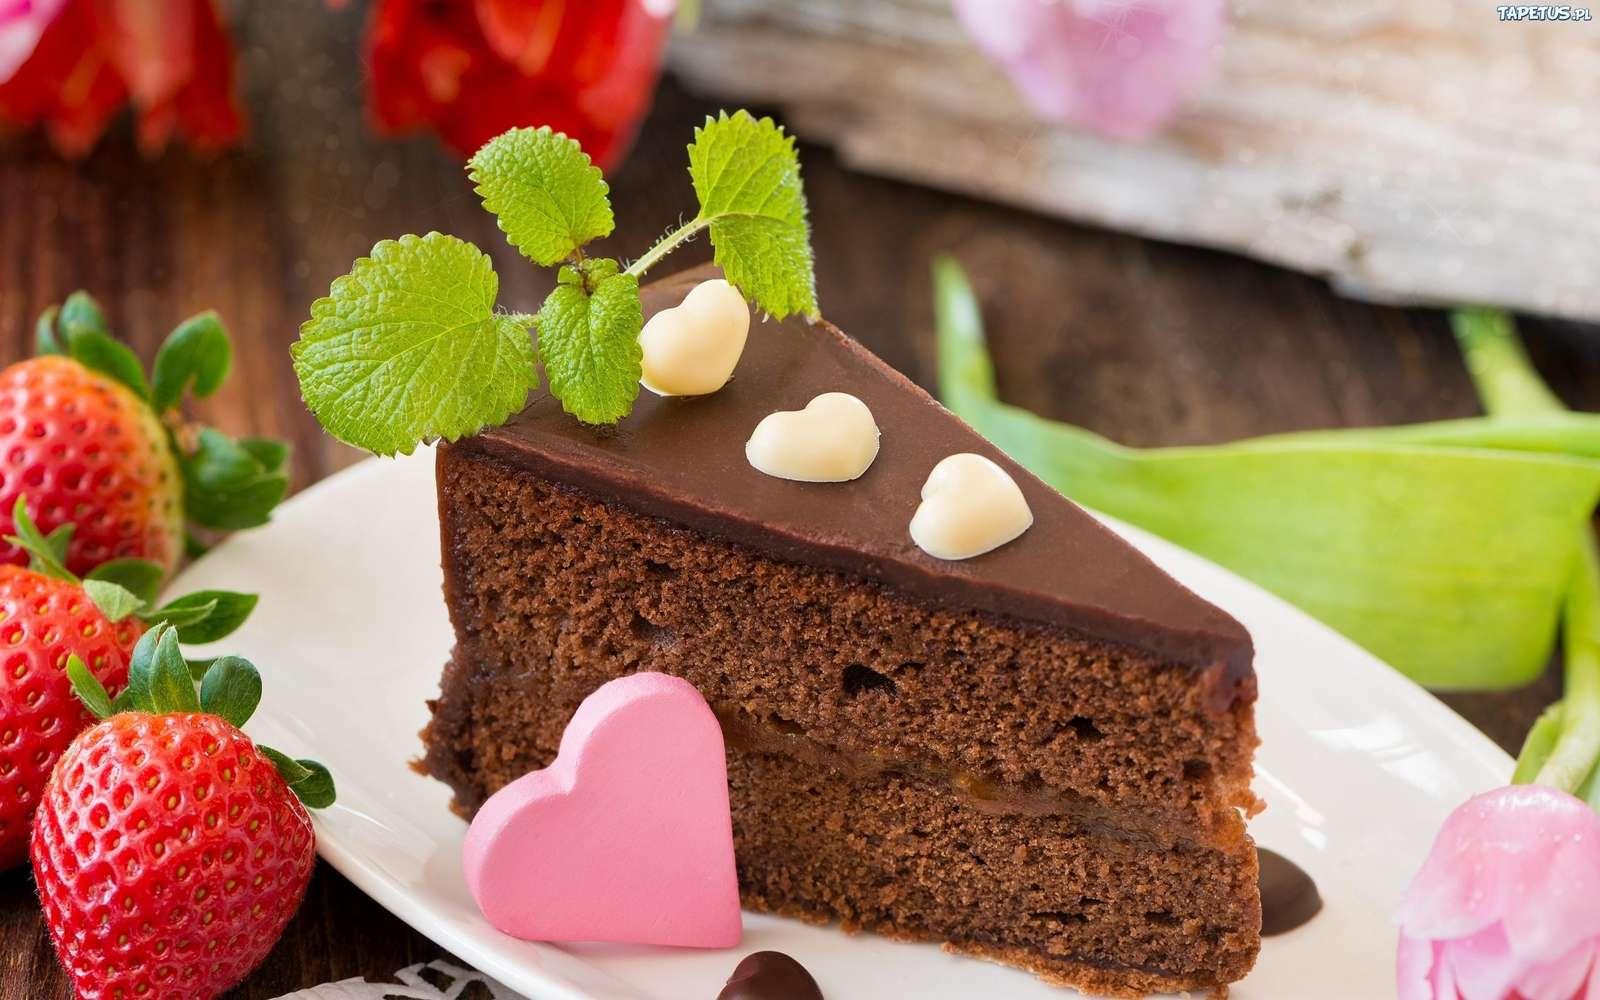 ceva dulce - tort de ziua de naștere și căpșuni (10×10)